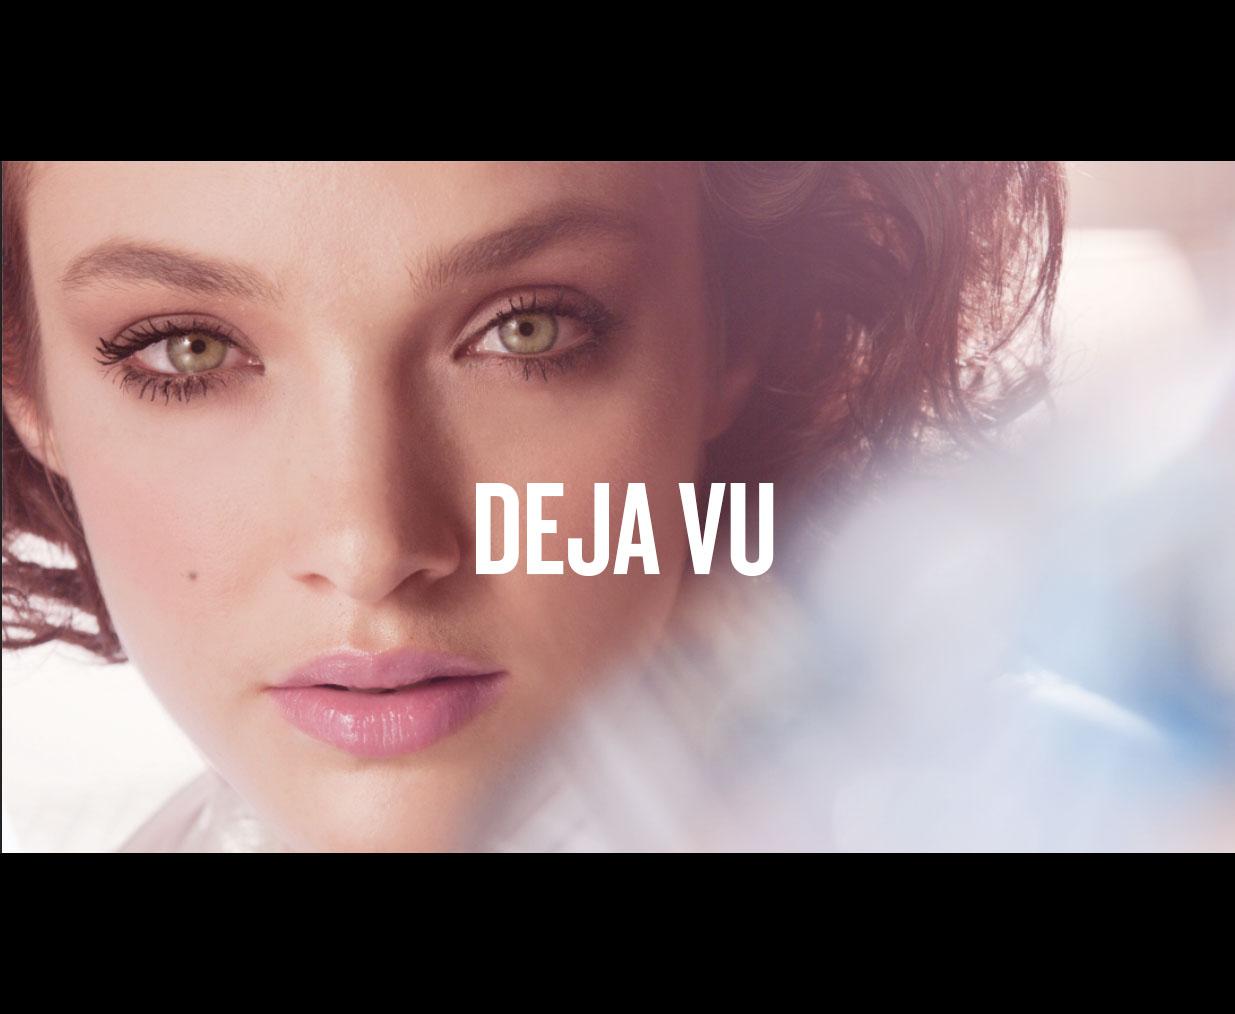 Olga_shutieva_emilio_cavallini_deja_vu_film_eugenio_qose